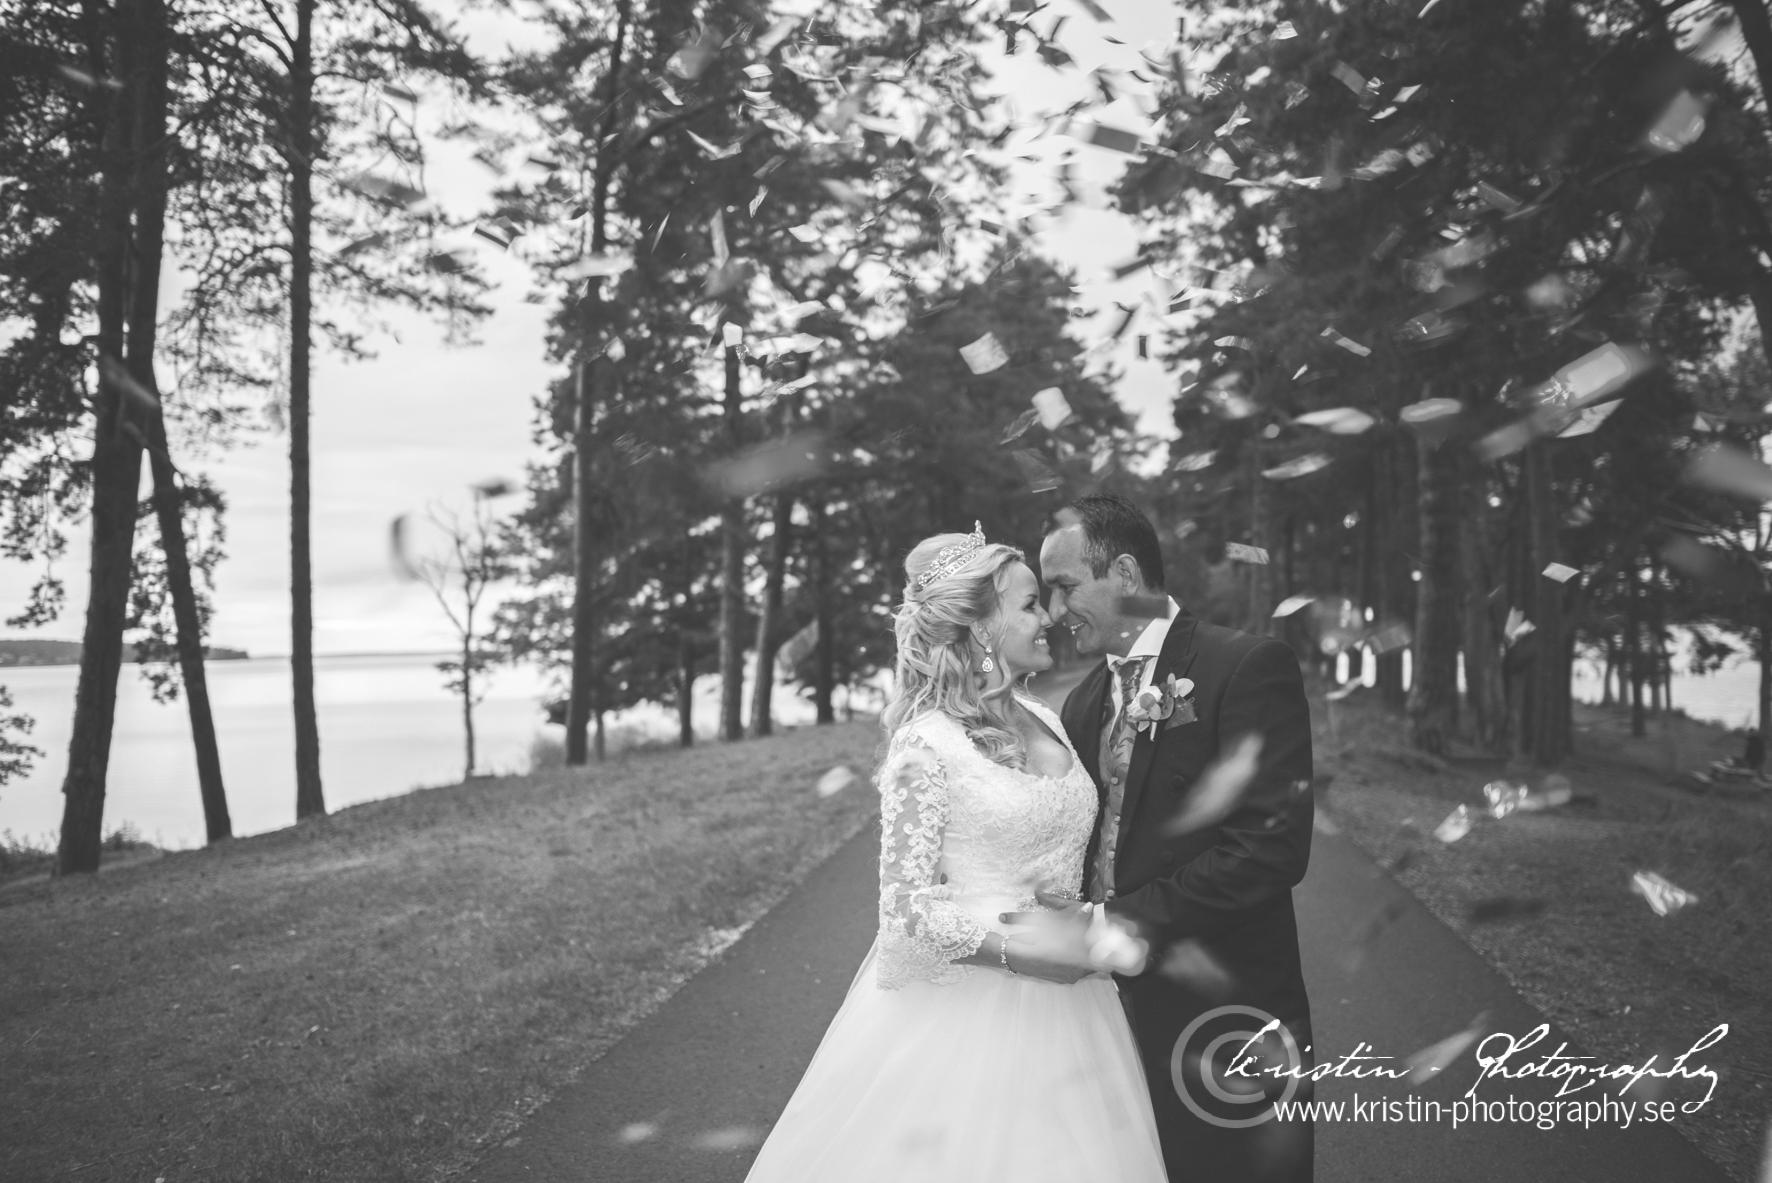 Bröllopsfotograf i Eskilstuna, Kristin - Photography-425A.jpg